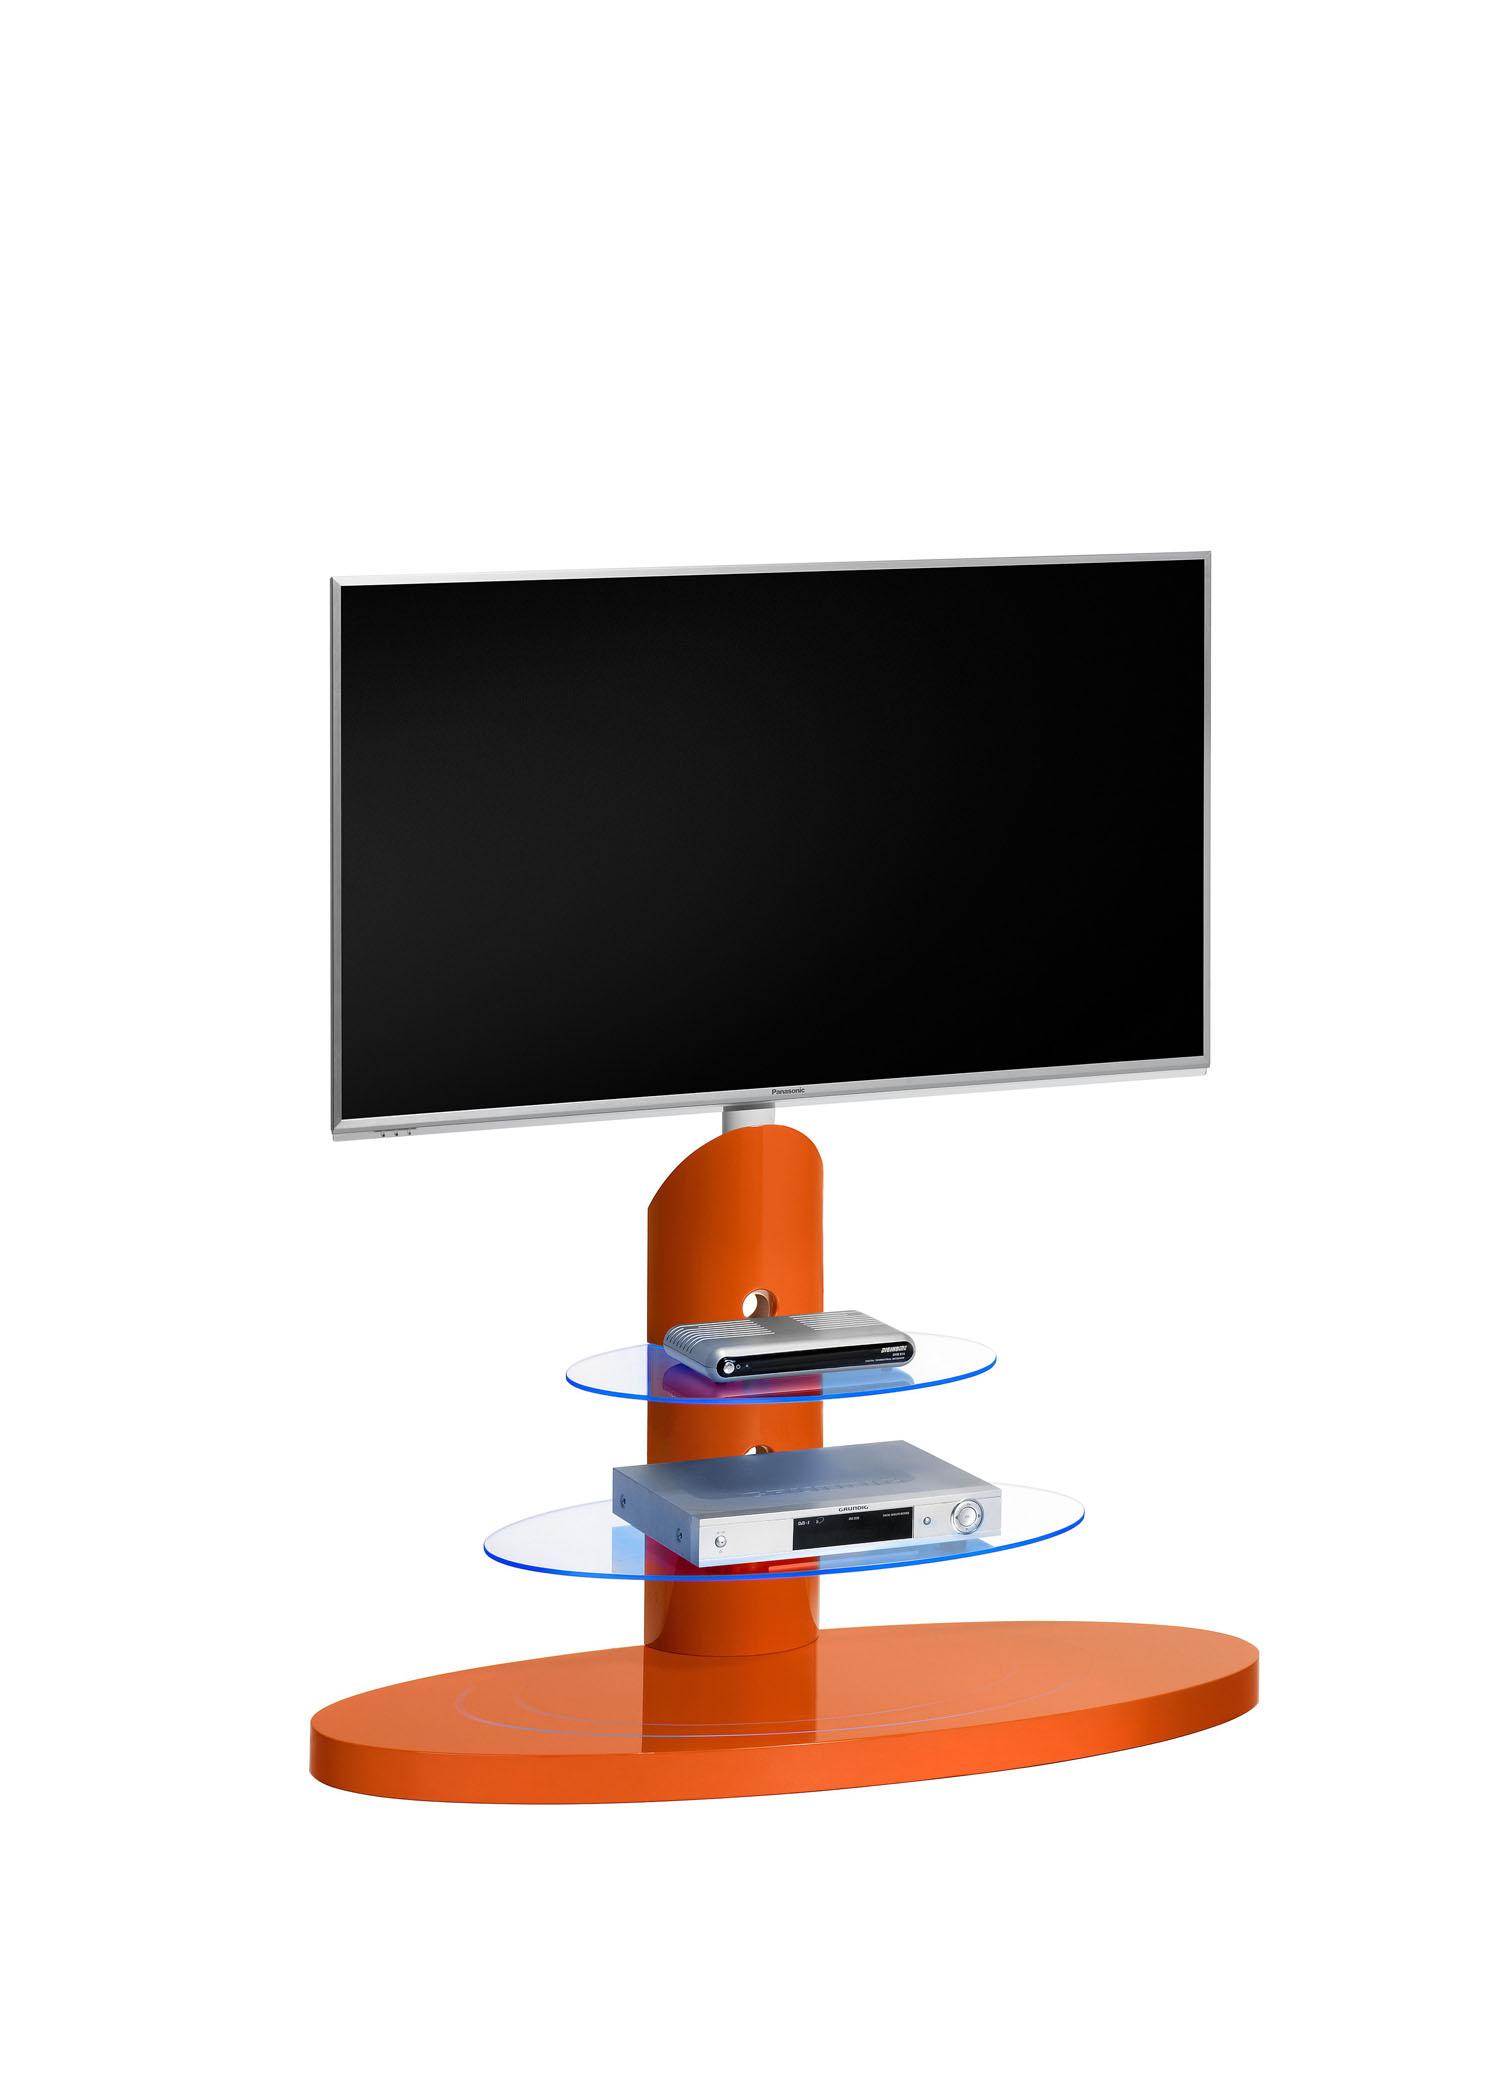 tv halterung st nder unterschrank ablage led licht pastellrot curry hochglanz ebay. Black Bedroom Furniture Sets. Home Design Ideas